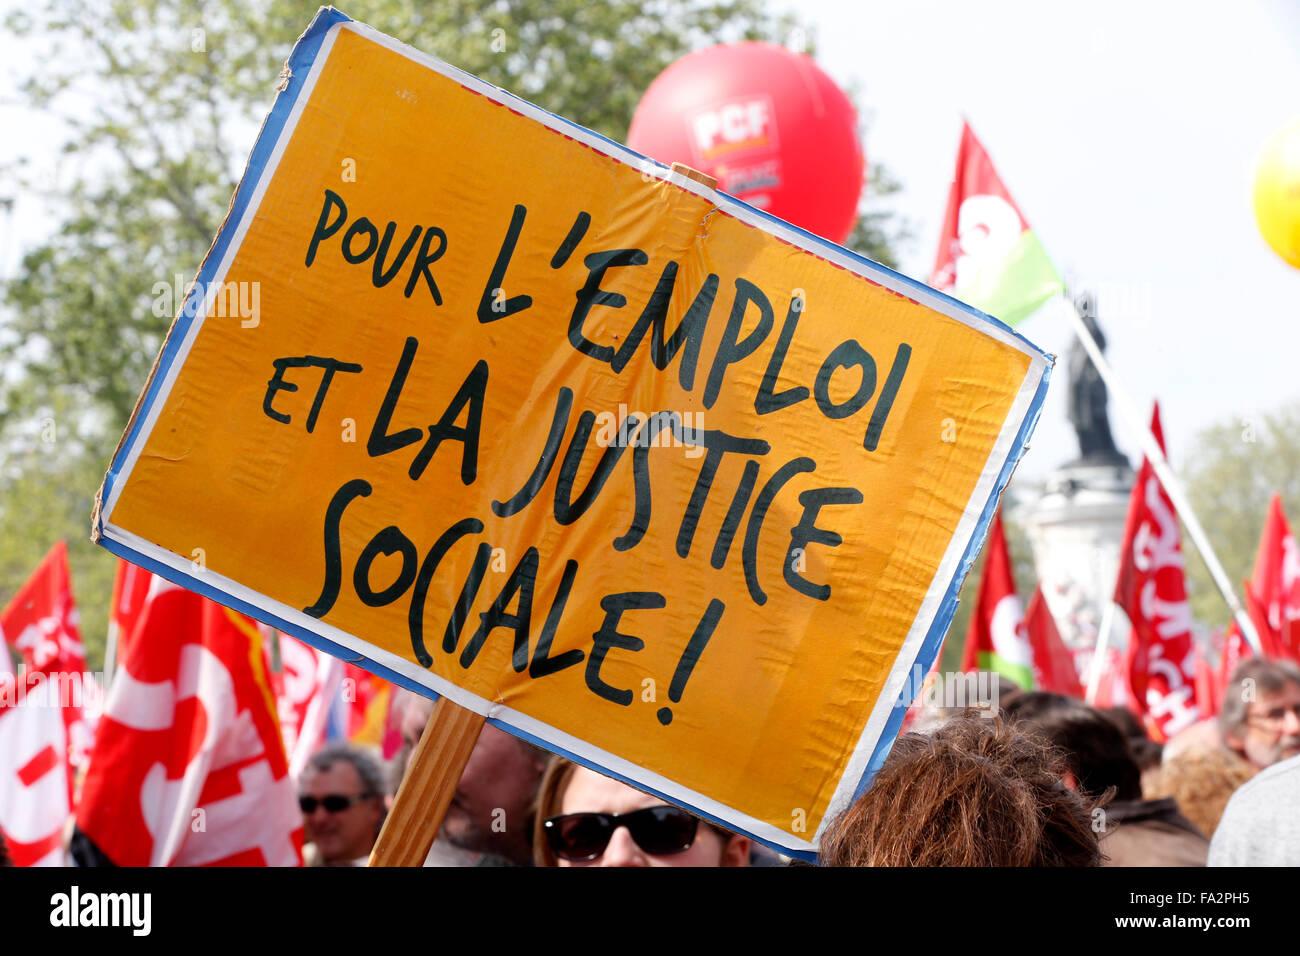 Manifestation contre la politique du gouvernement français de l'austérité. Photo Stock